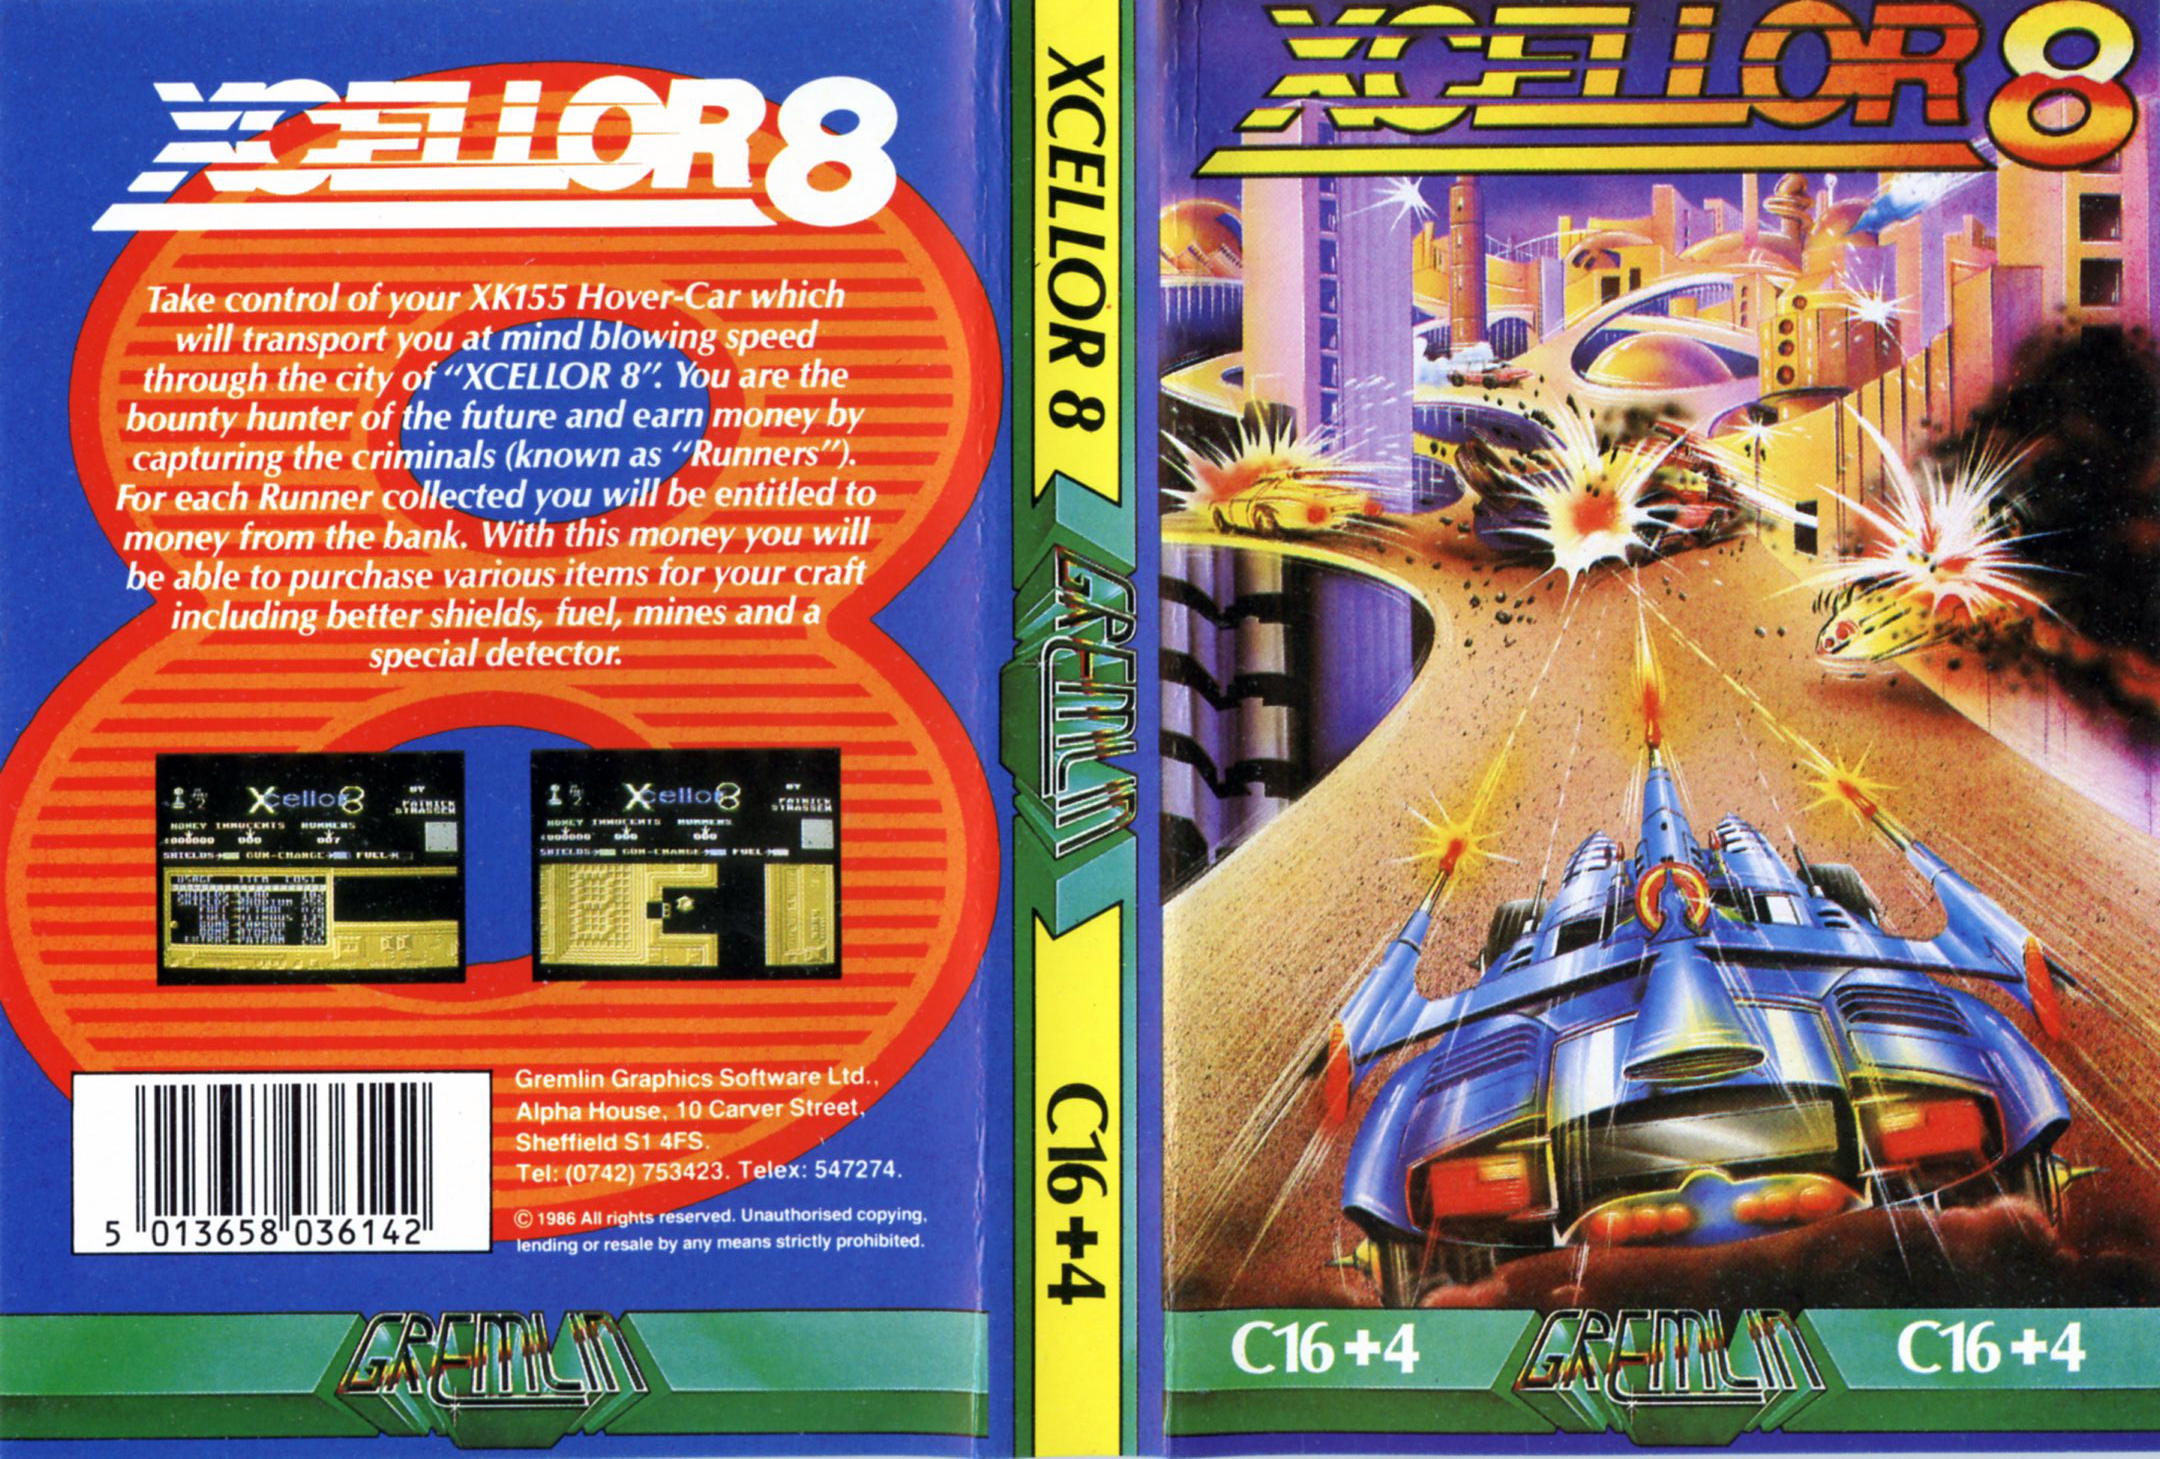 XCellor-8 (C16/Plus4)